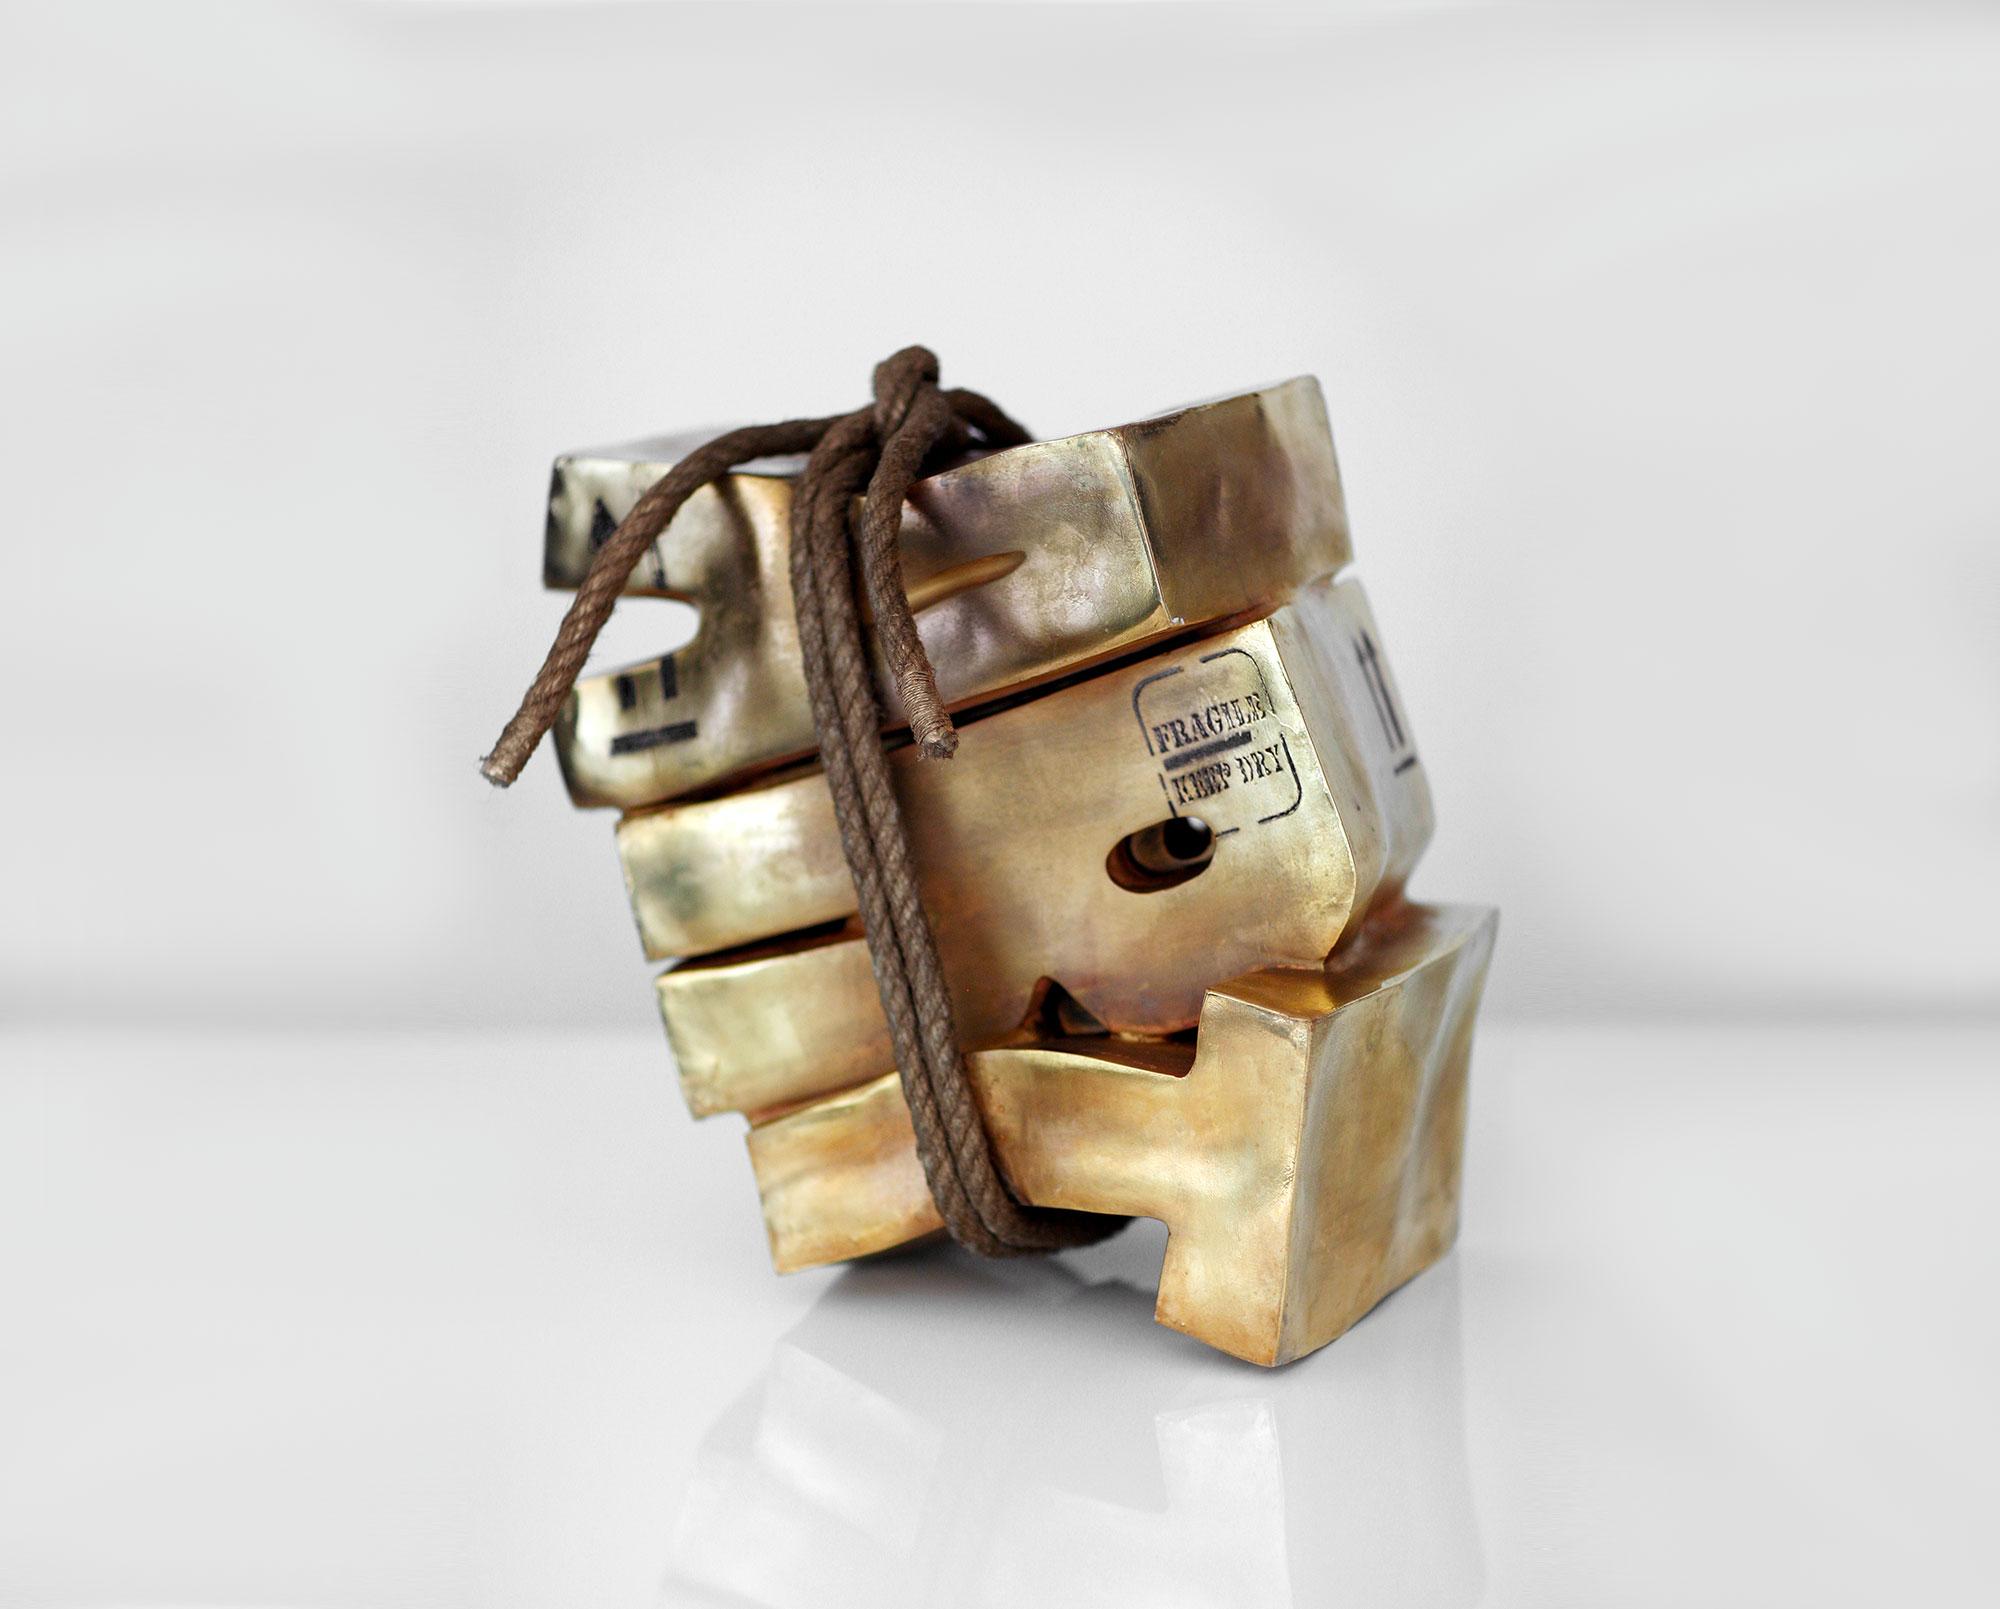 Gold Art  (2010) | résine, chanvre, dorure | 38 x 38 x 25 cm | 1/1